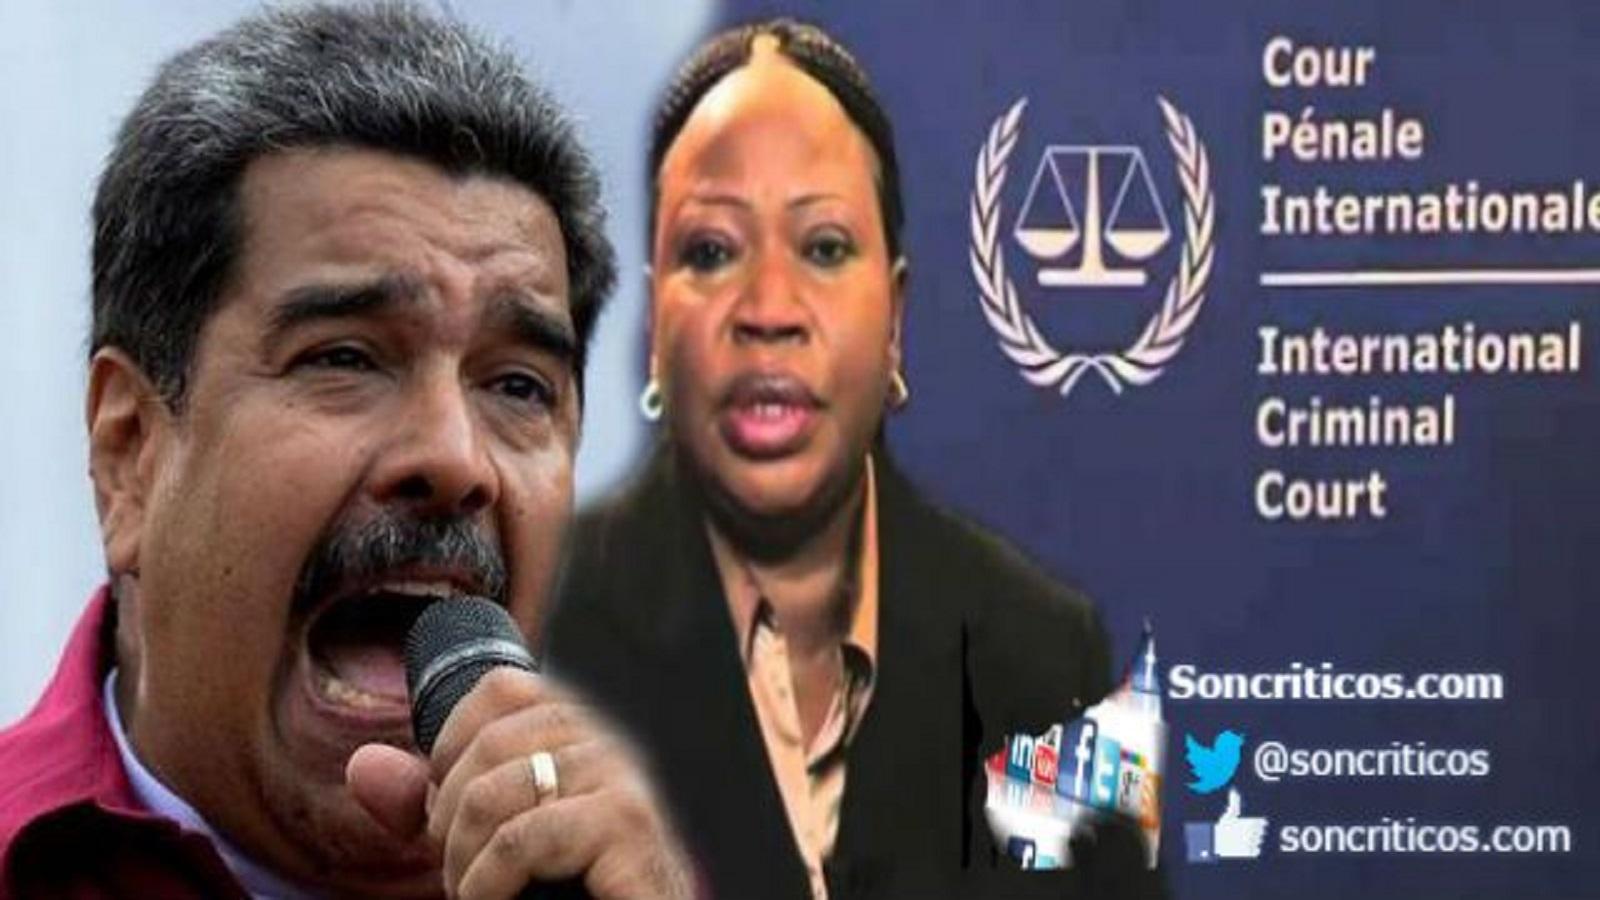 VIDEO: Denunciarán a fiscal de la CPI por ocultar delitos de Nicolás Maduro